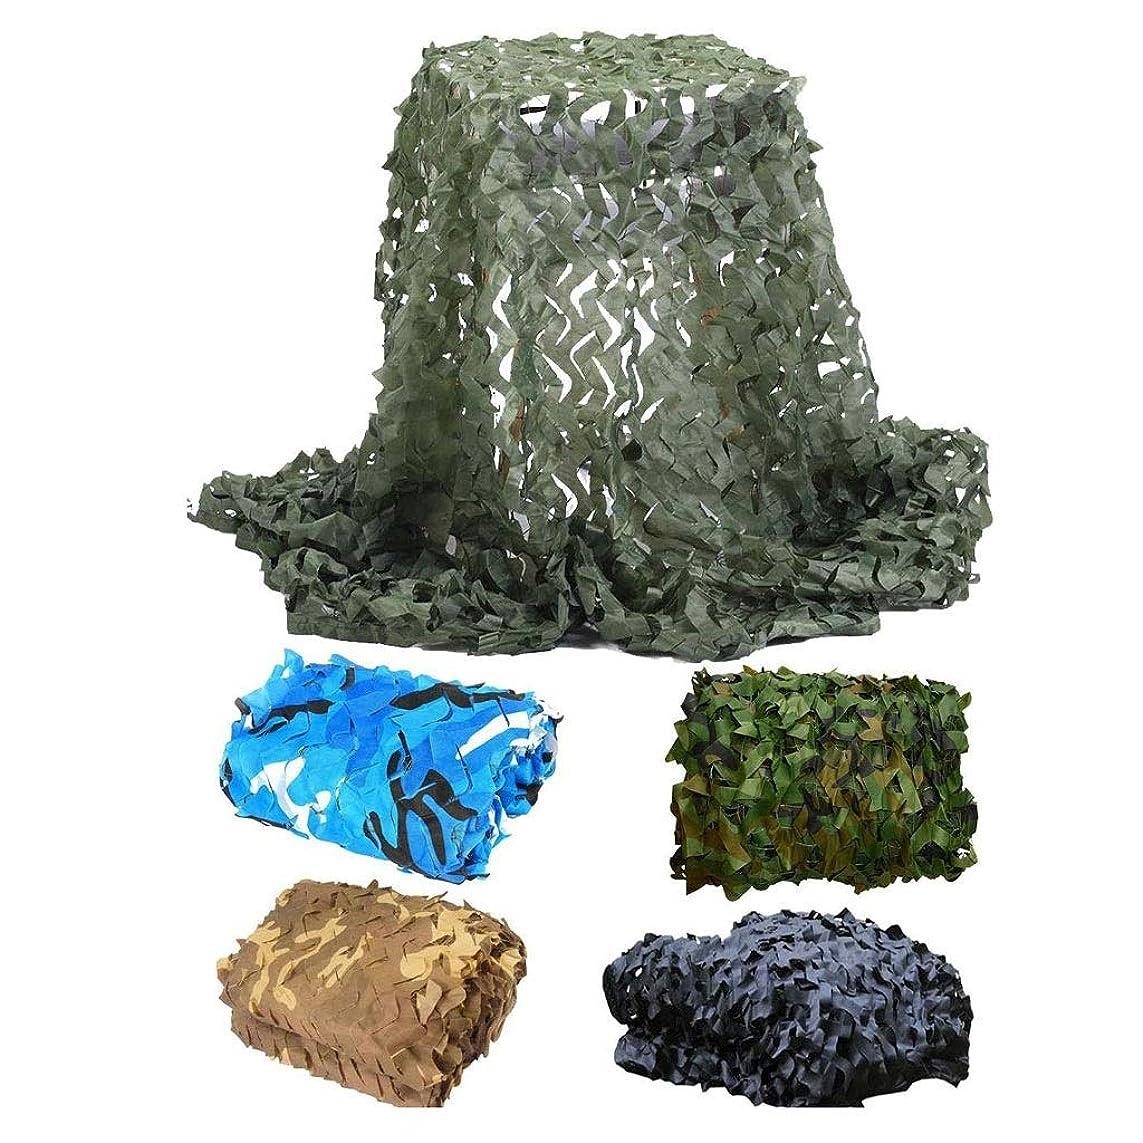 贅沢駐地液化するガーデン迷彩ネット、日焼け止めネットオックスフォード布オーニングカーカバー植物カバー軍事狩猟写真バルコニープライバシー保護4メートル×5メートル (Color : Green camouflage)